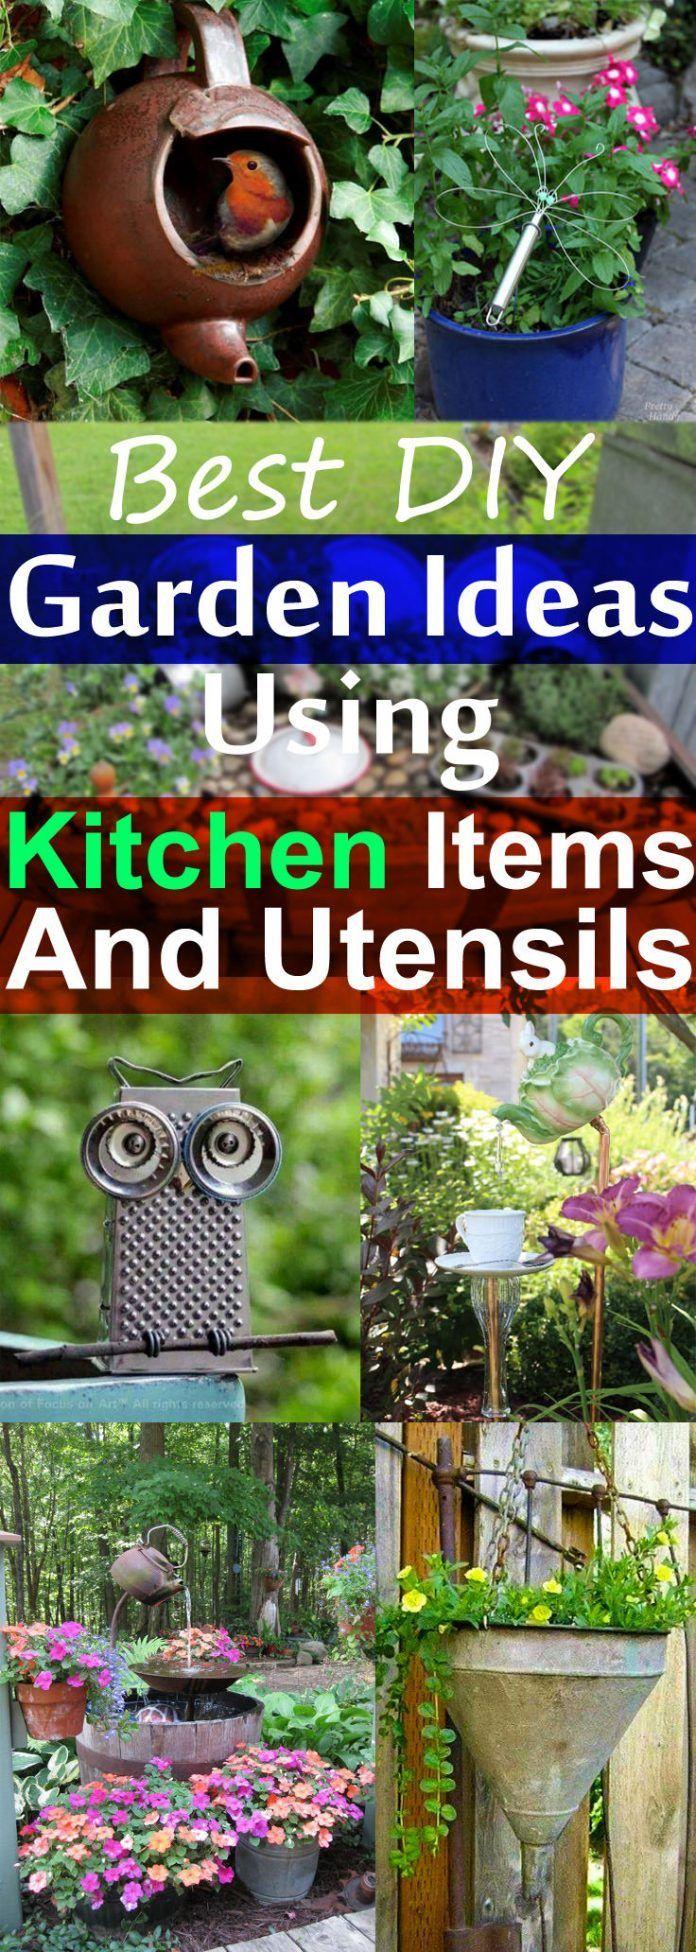 19 Best DIY Garden Ideas Using Kitchen Items & Utensils ...